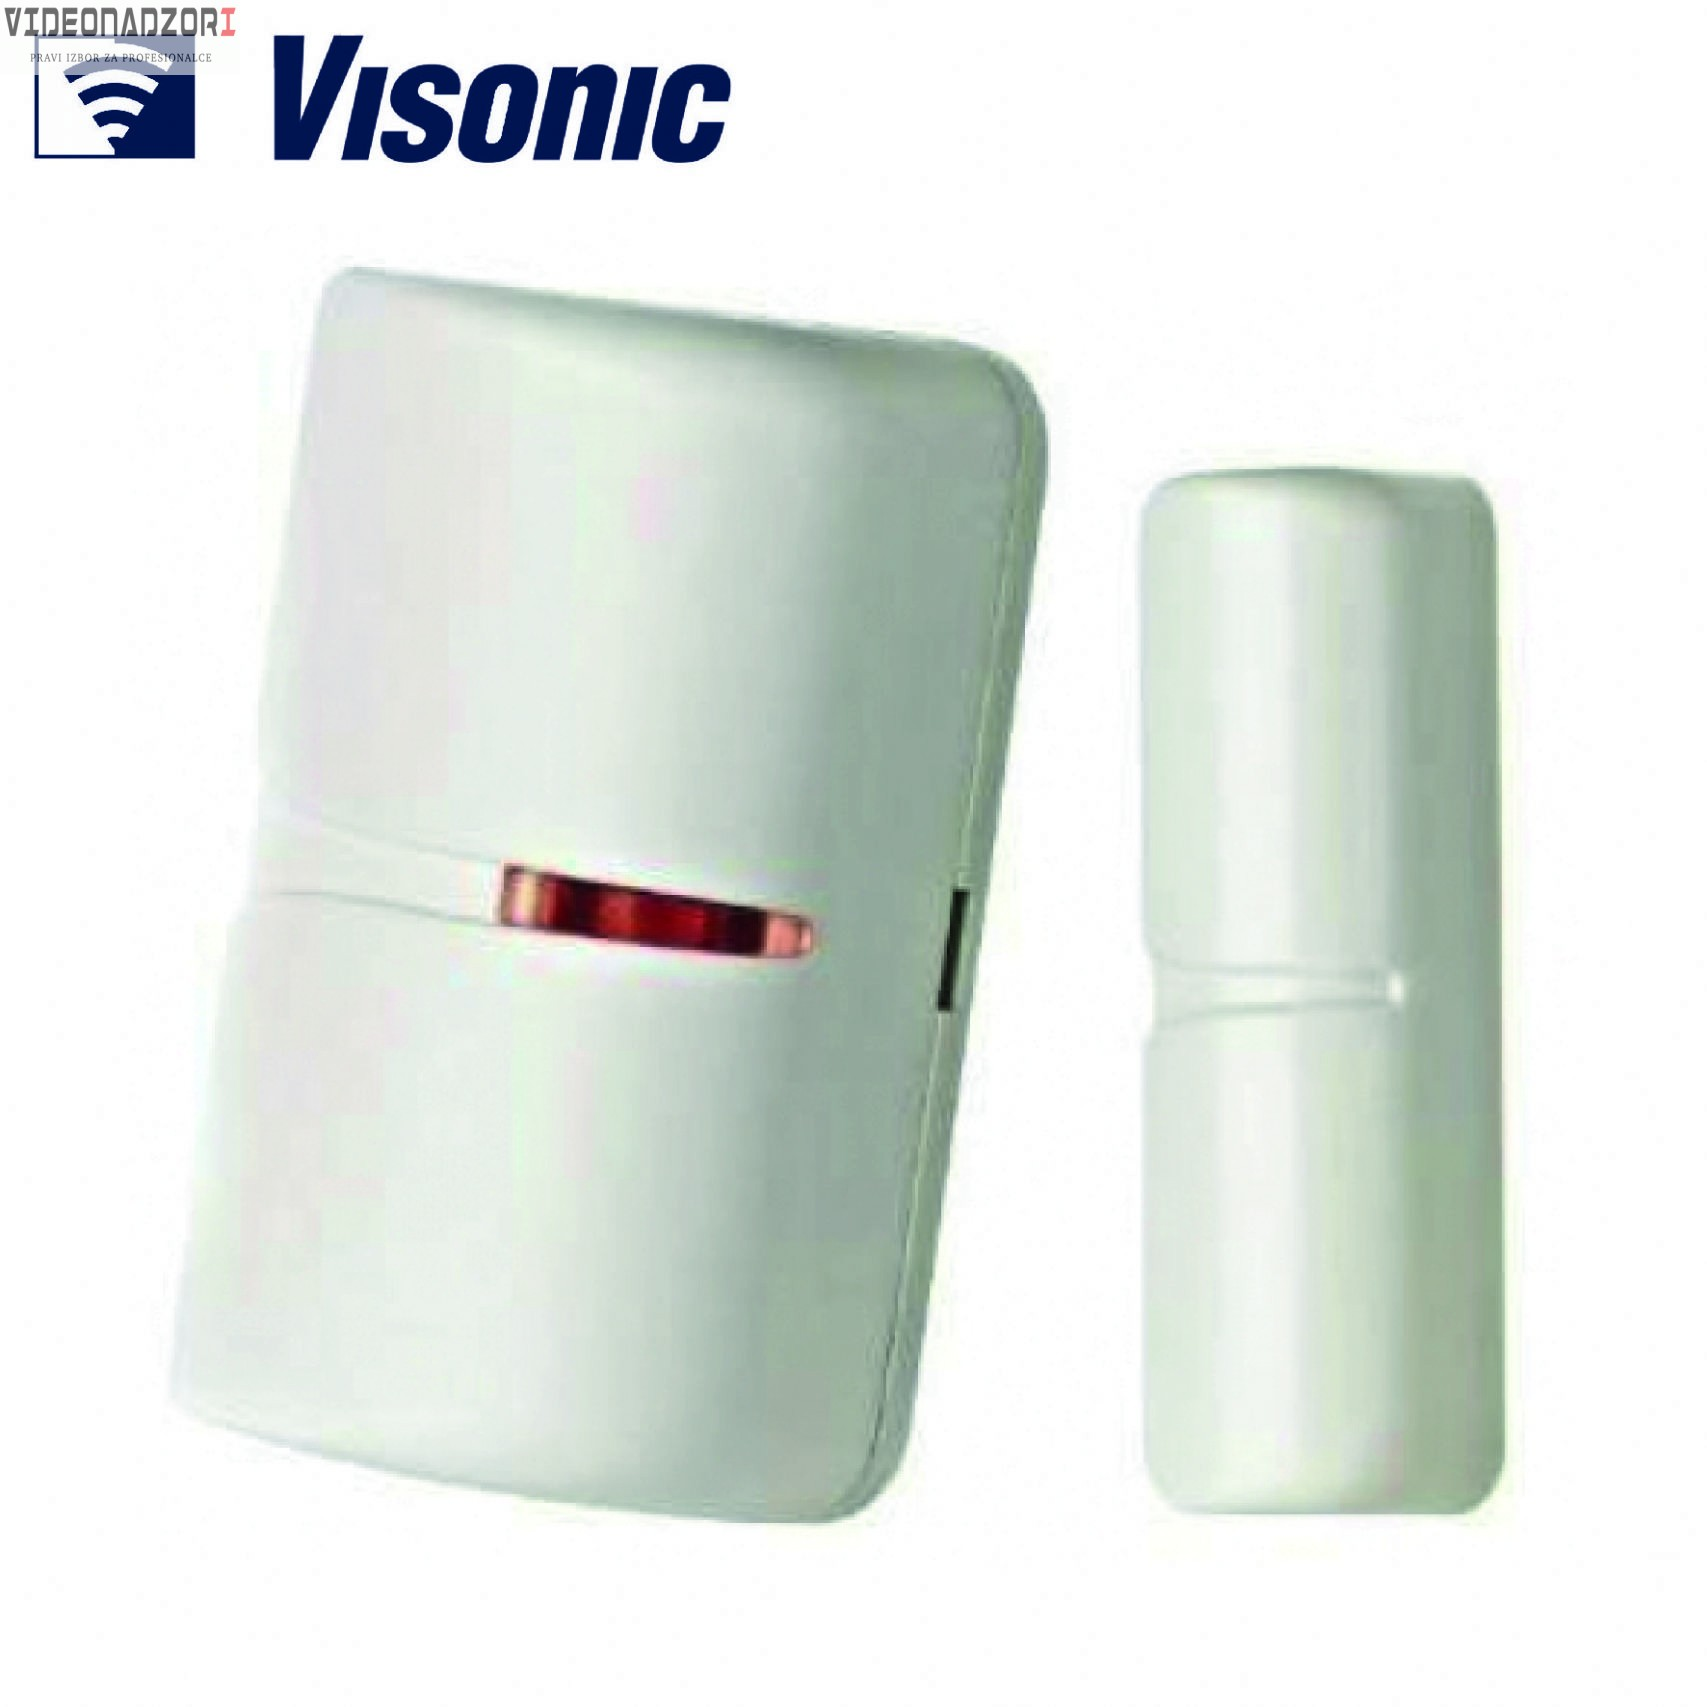 Visonic bežični senzor vrata i prozora MC-302E PG2 brend HikVision Hrvatska [ za 498,75kn